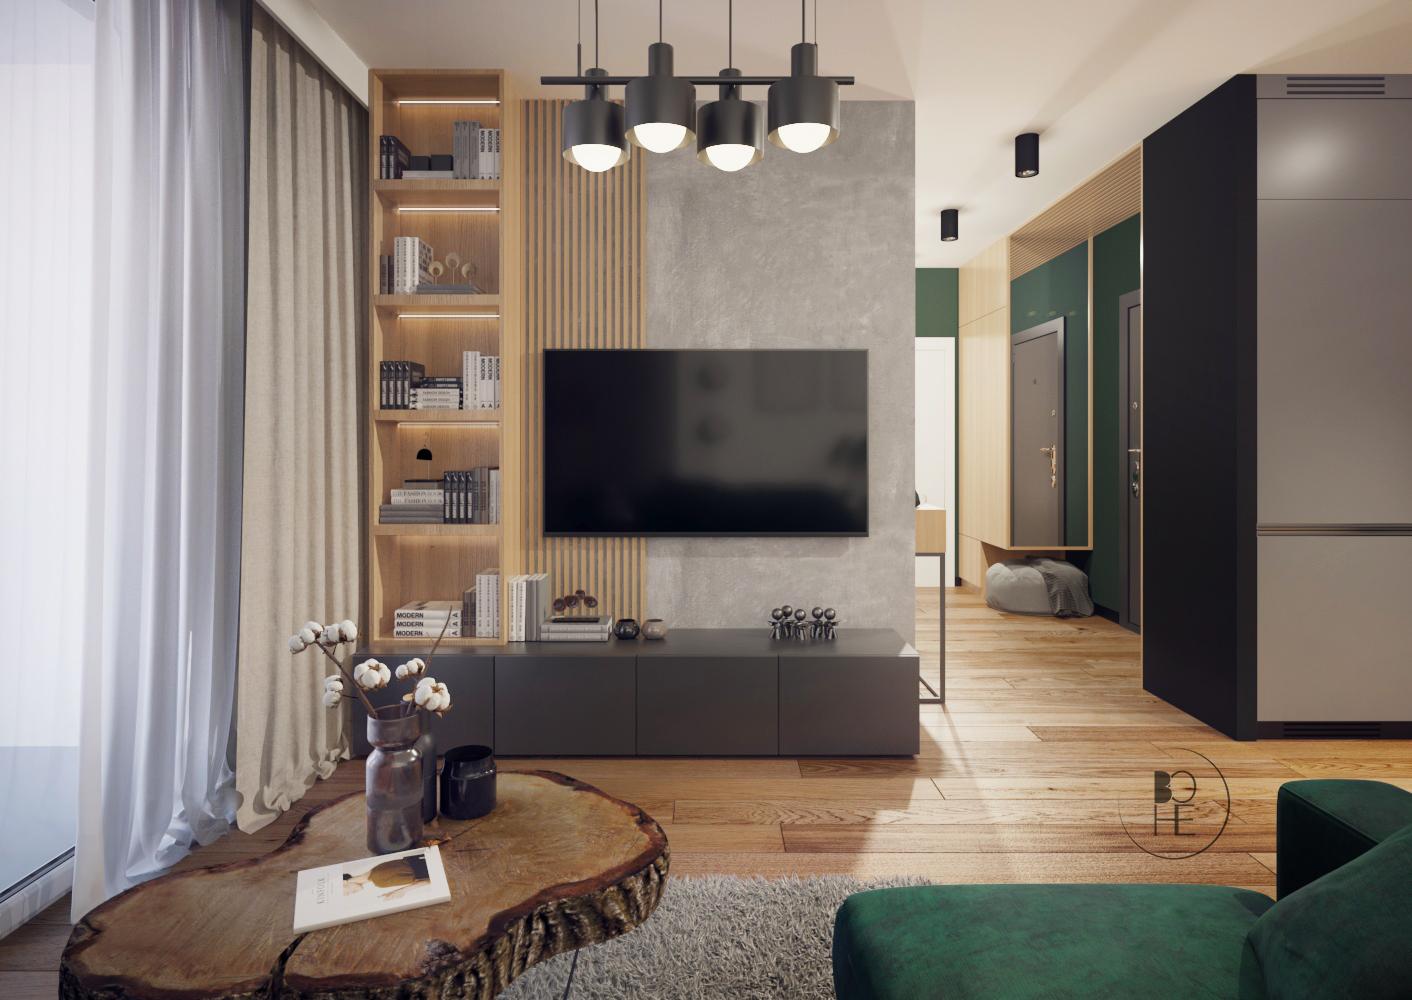 architekt wnętrz Łódź projekt salonu z lamelami w zielono szarych barwach